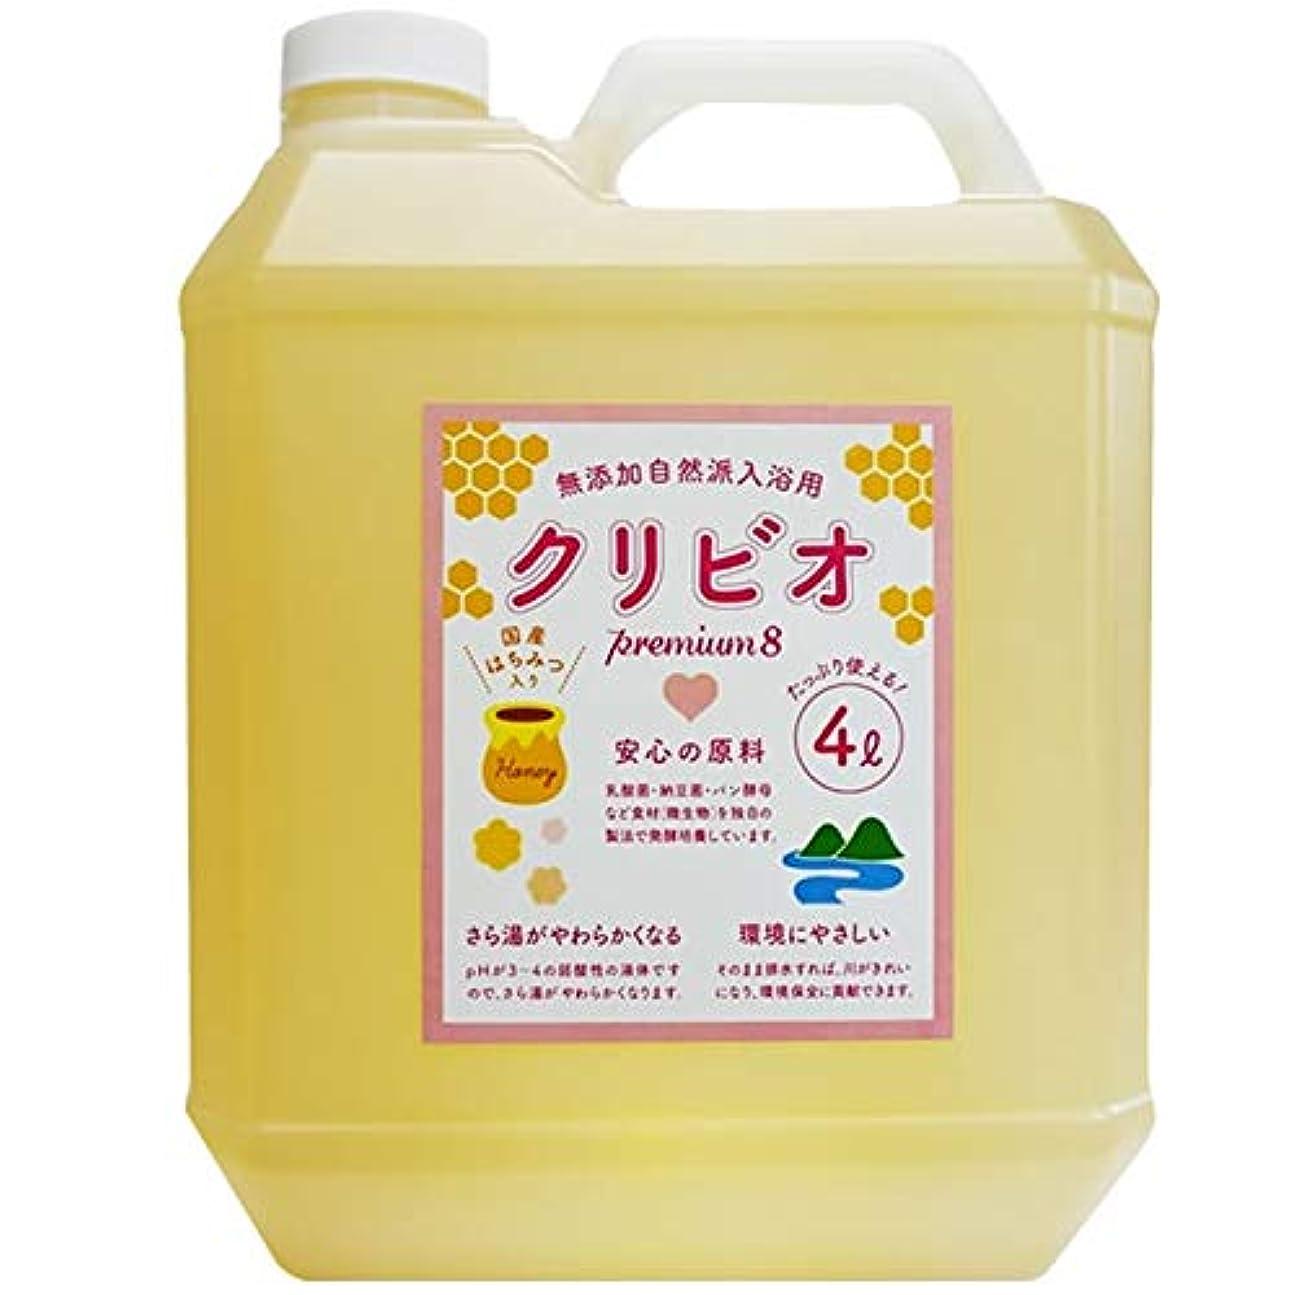 おそらく確執インポート国産蜂蜜乳酸菌入り 自然派入浴用クリビオpremium8 4リットルお徳用*計量カップ?L型ノズル付【無添加】